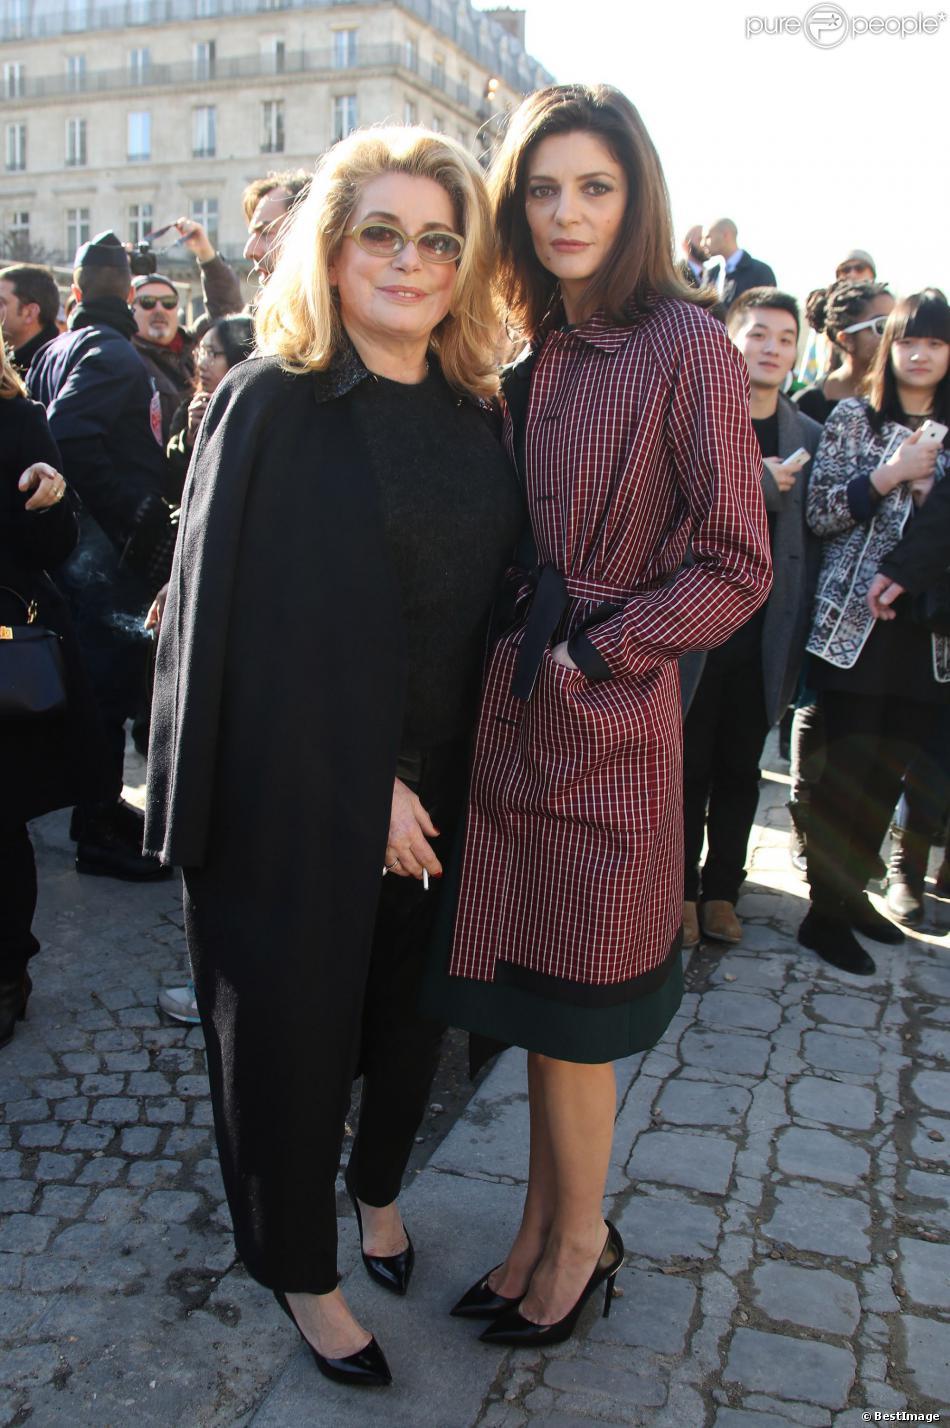 Catherine Deneuve et sa fille Chiara Mastroianni arrivent, très élégantes, au défilé de mode, collection prêt-à-porter automne-hiver 2014/2015, de Louis Vuitton à Paris, le 5 mars 2014.